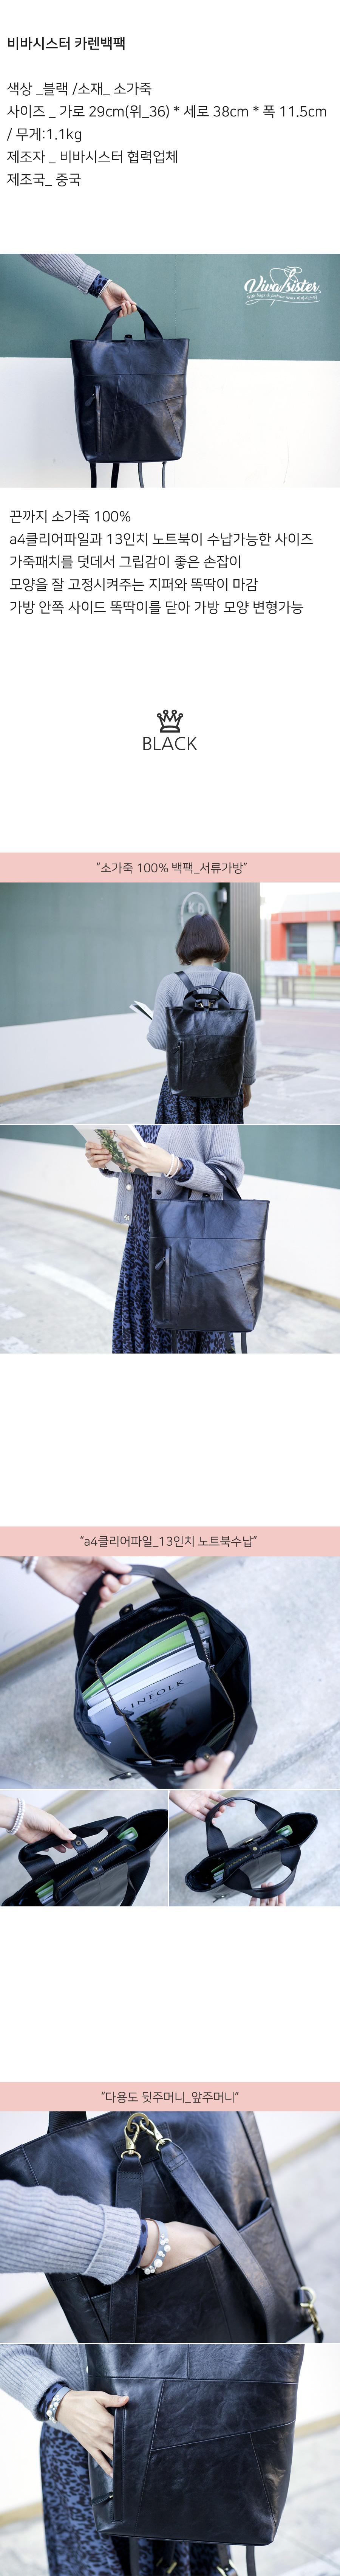 여성소가죽백팩 블랙 서류가방 13형노트북수납 - 비바시스터, 154,000원, 백팩, 가죽백팩